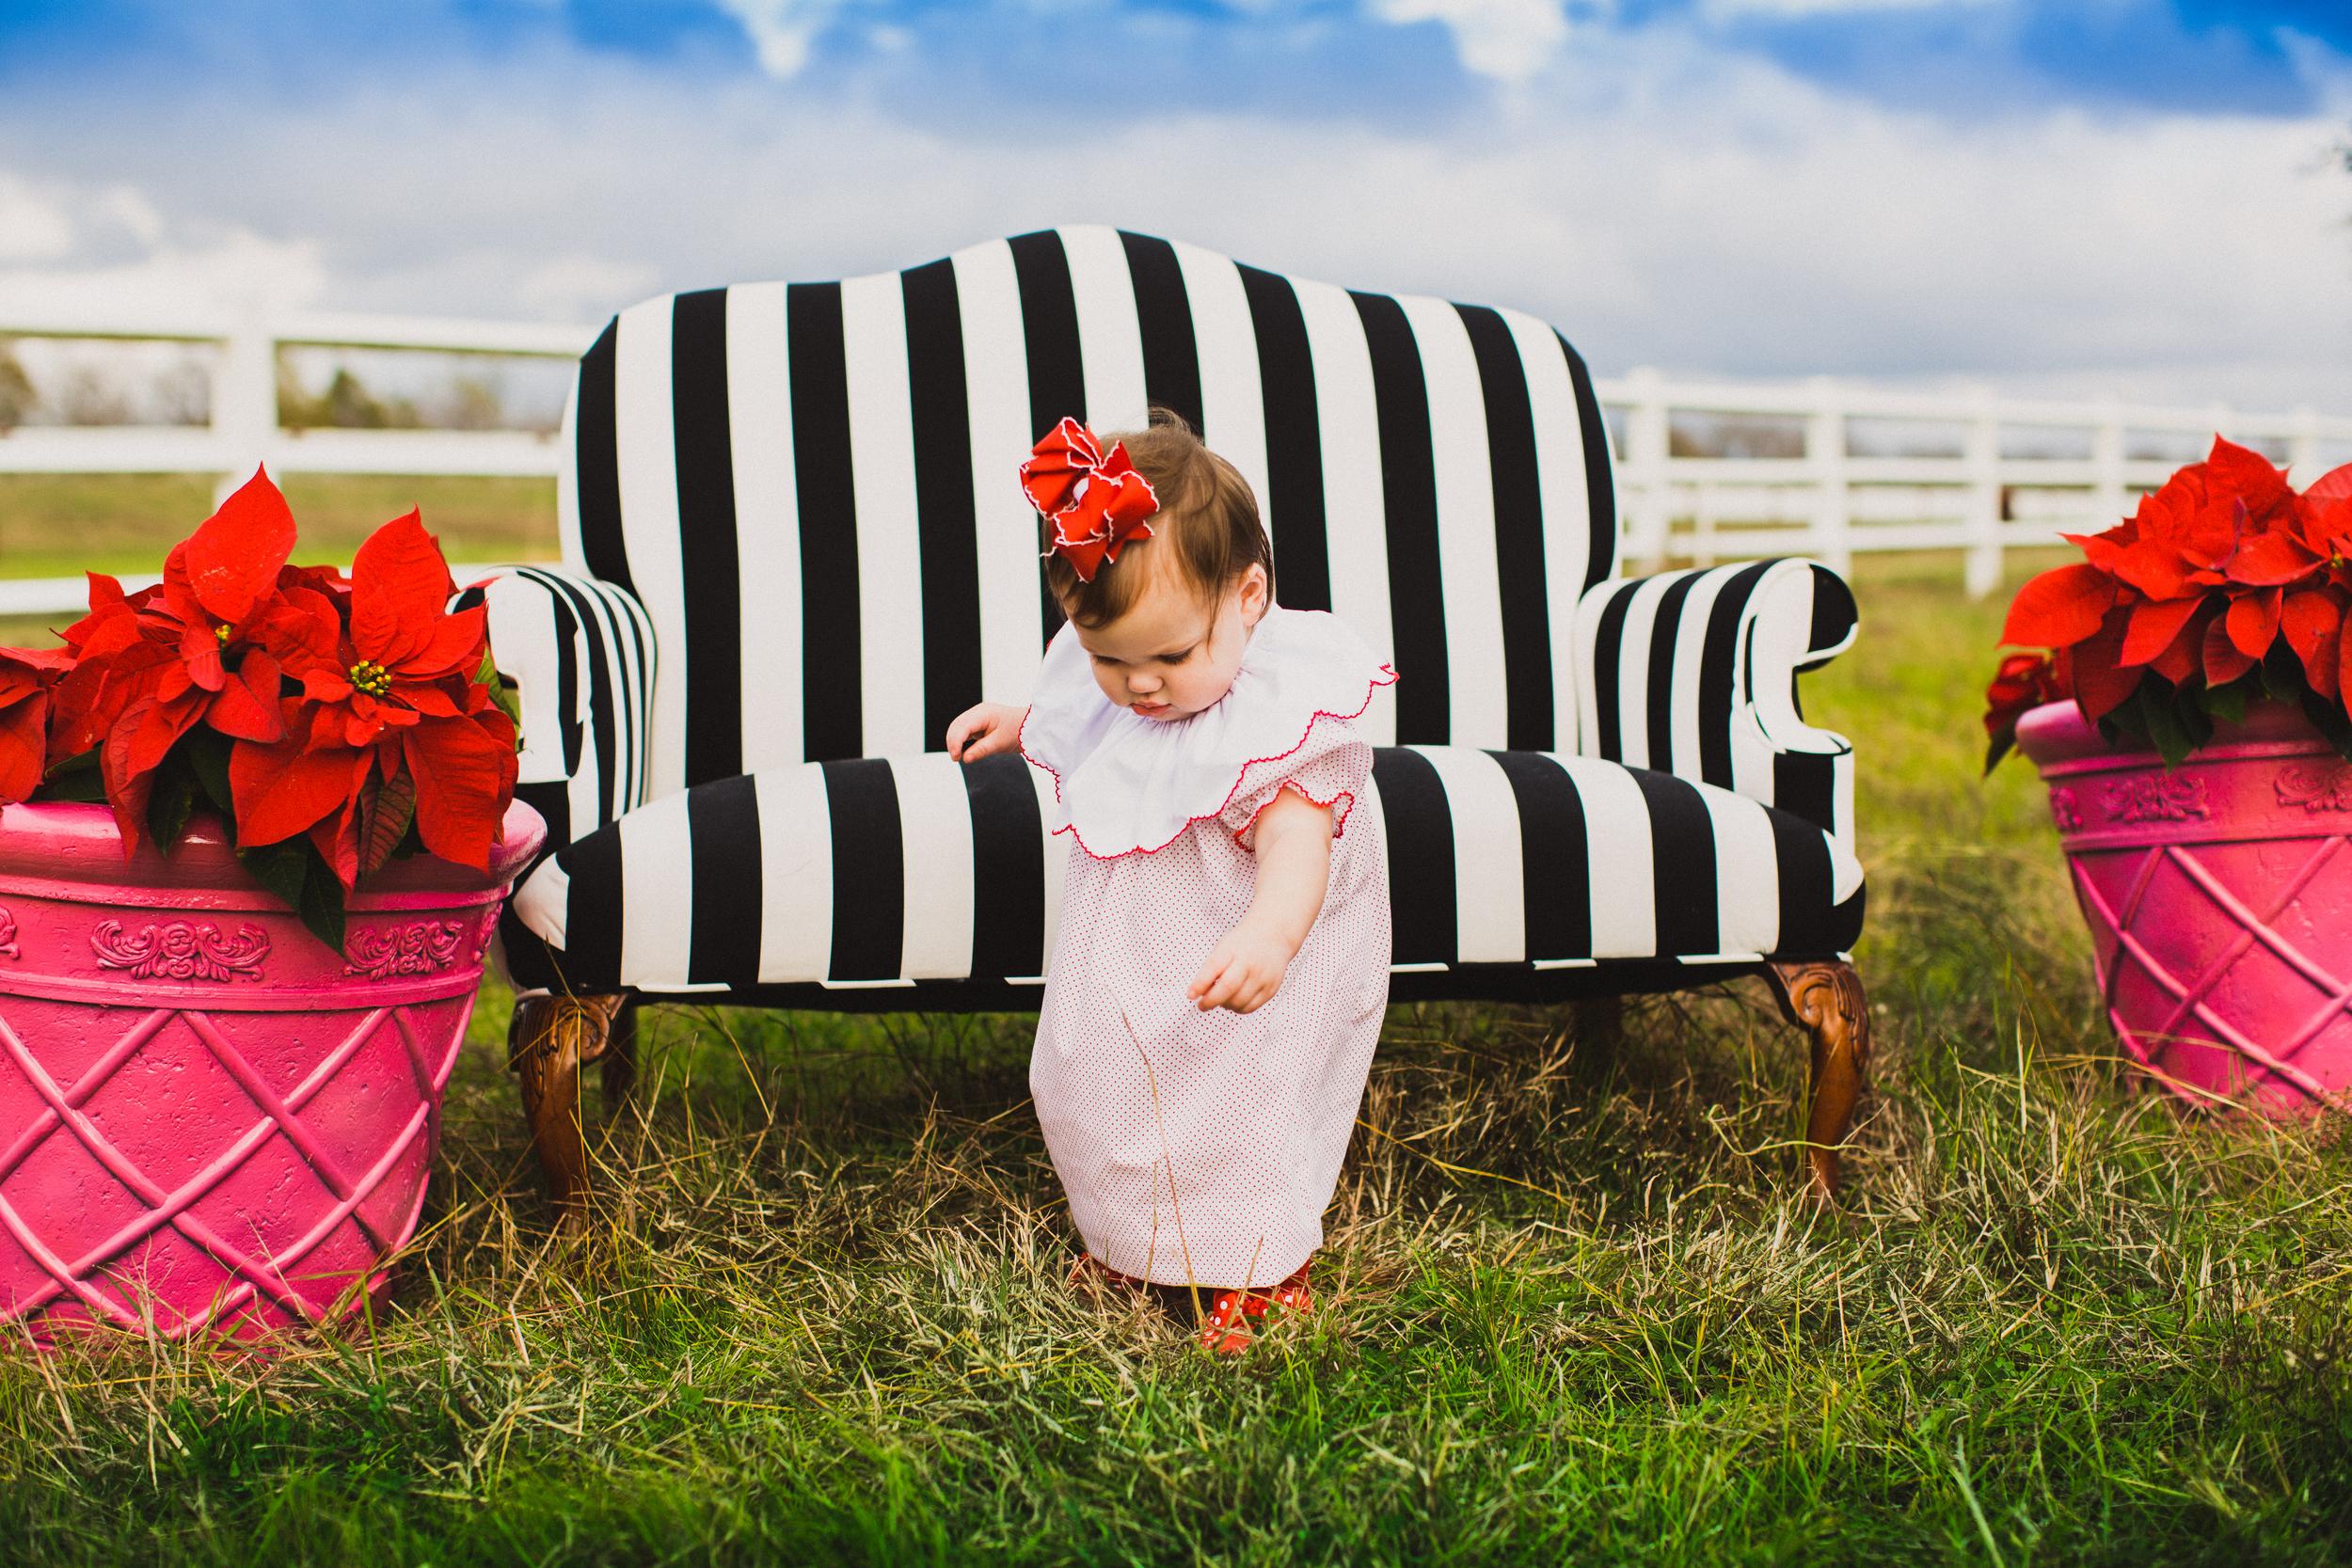 houstonfamilyphotographer-h2014-greer-tfam-73.jpg